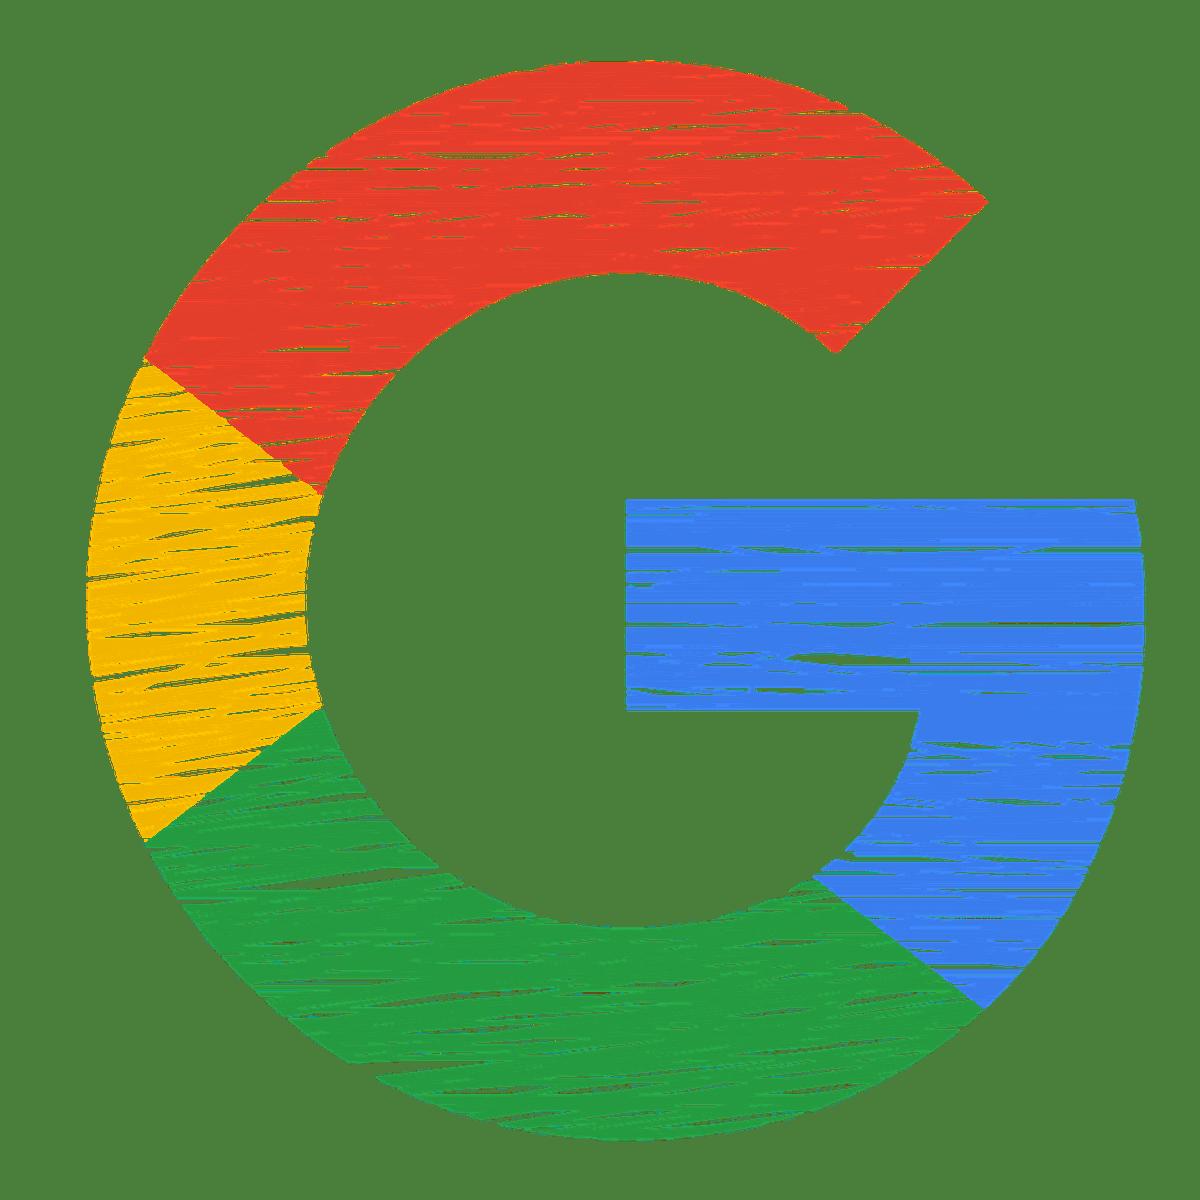 גוגל אדס ראשית